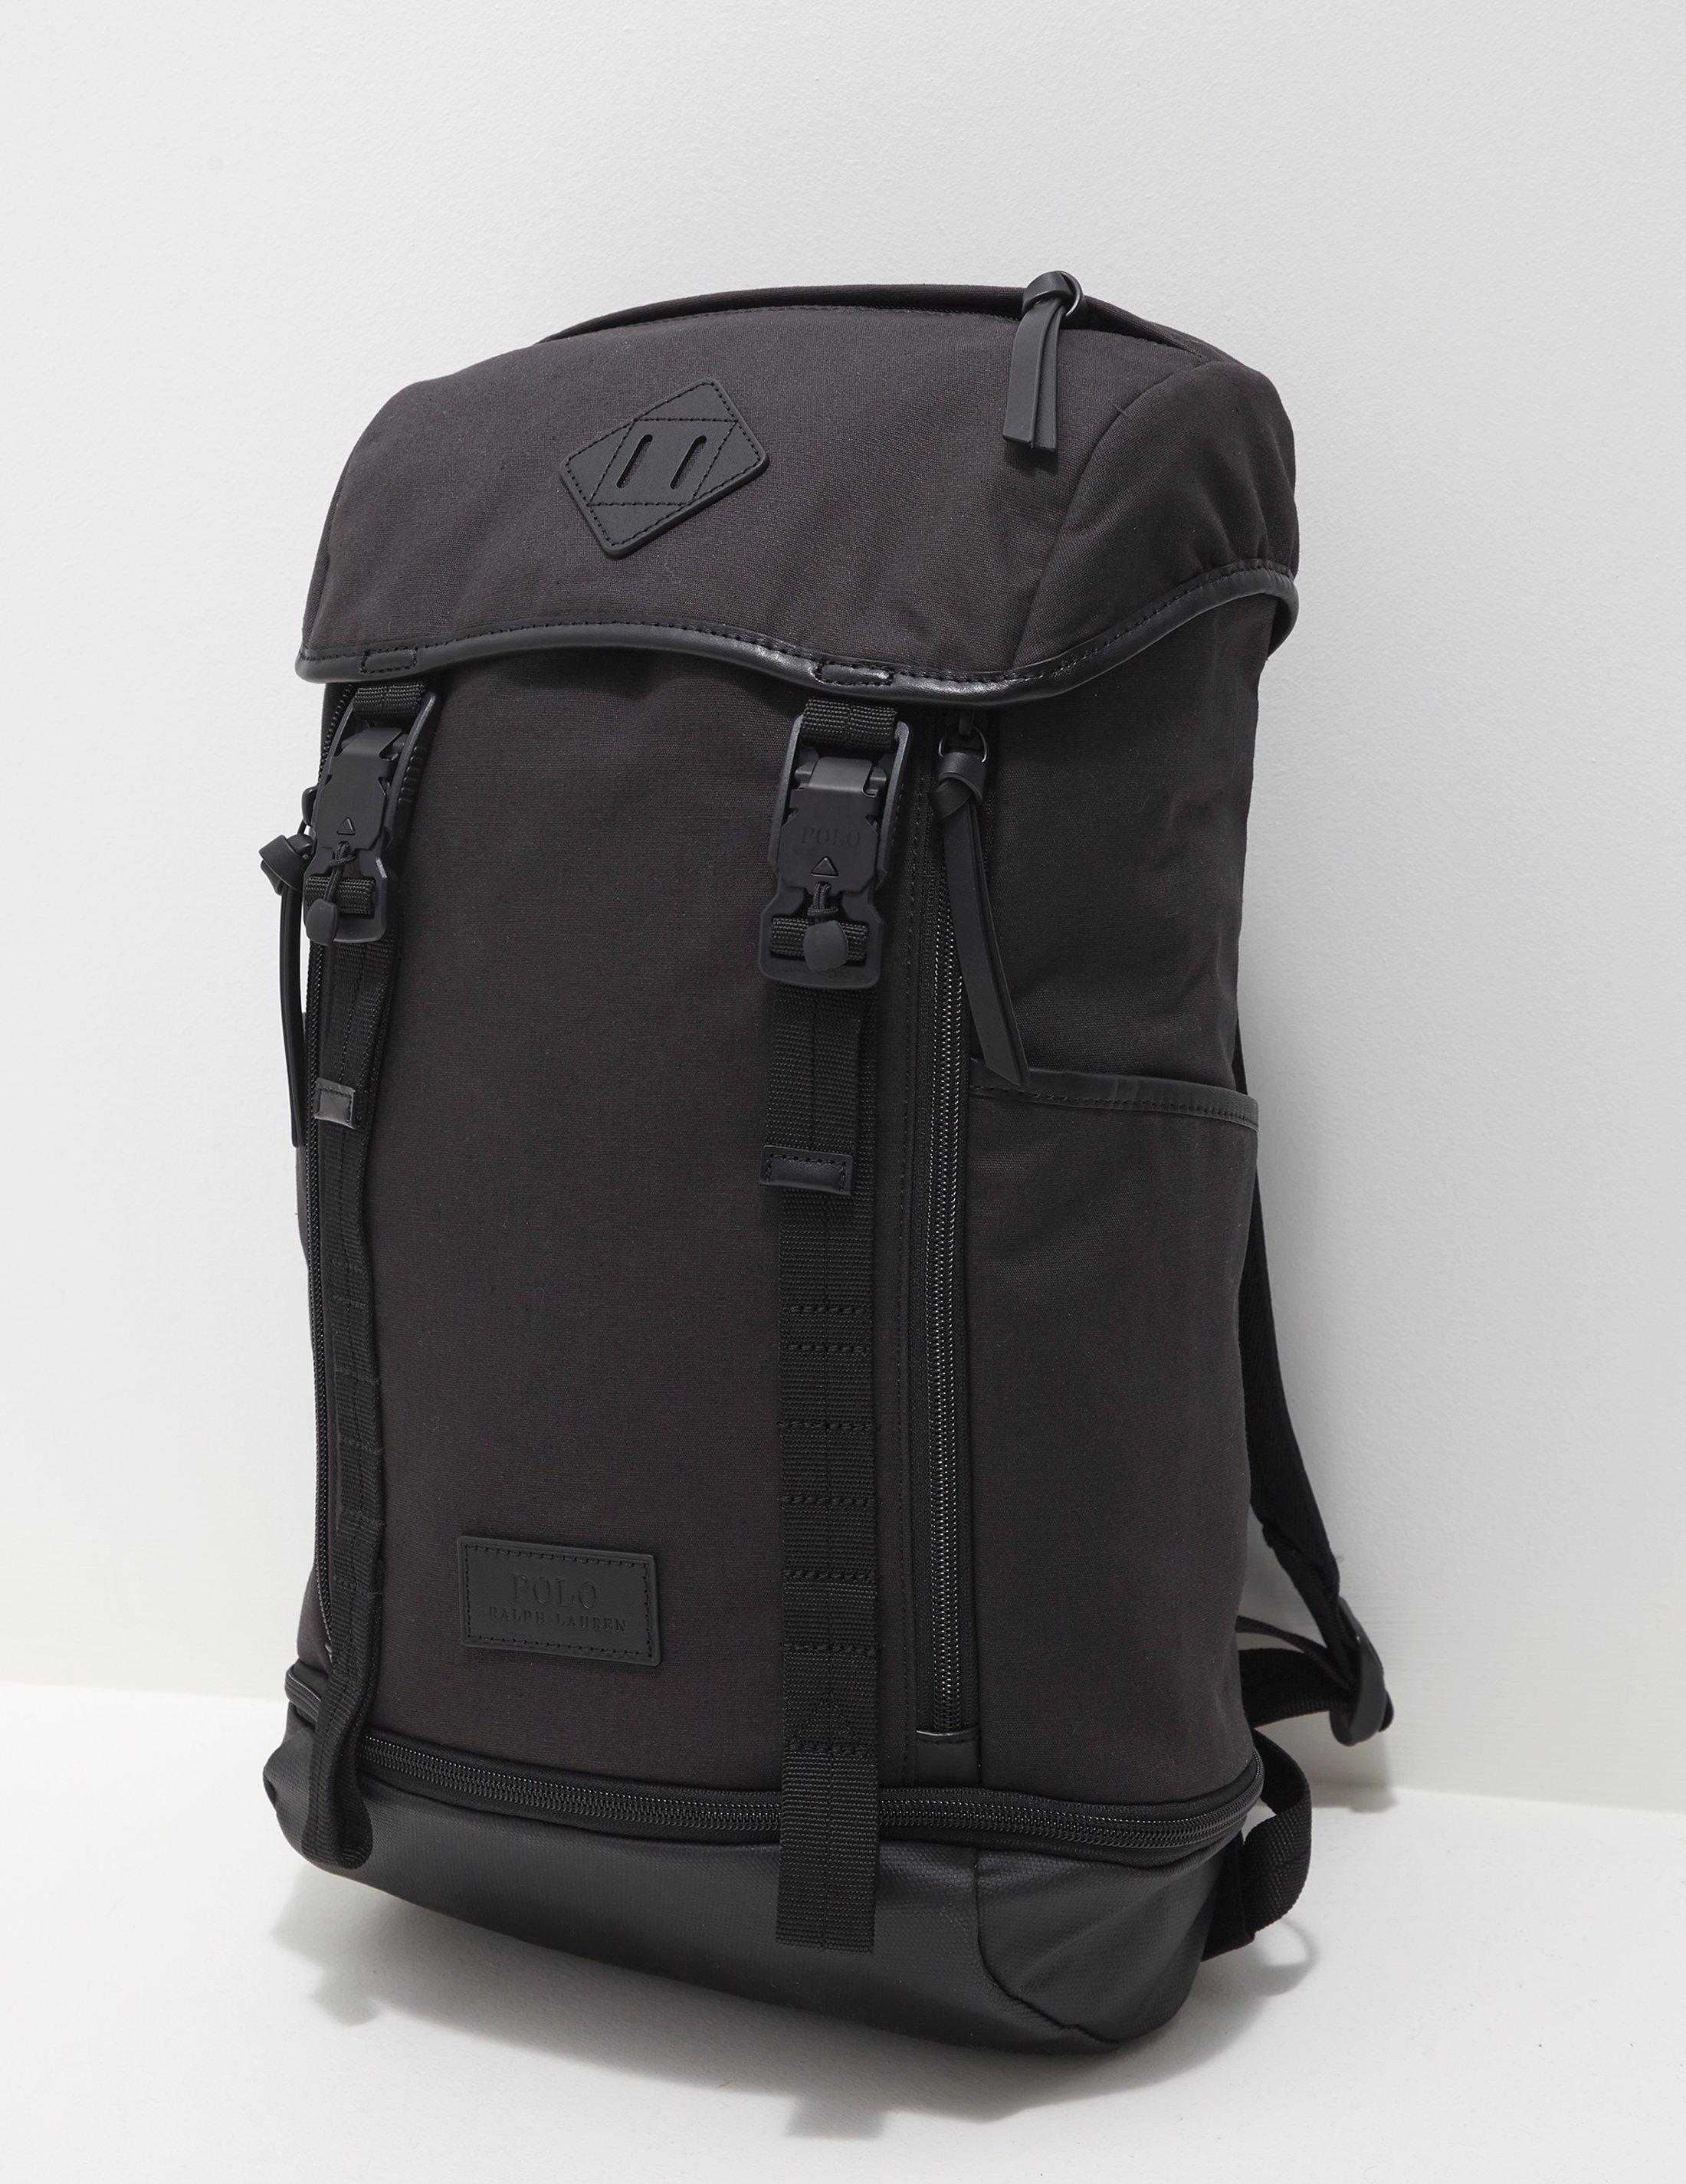 5fdc4543e8 Polo Ralph Lauren Utility Backpack Black in Black for Men - Lyst